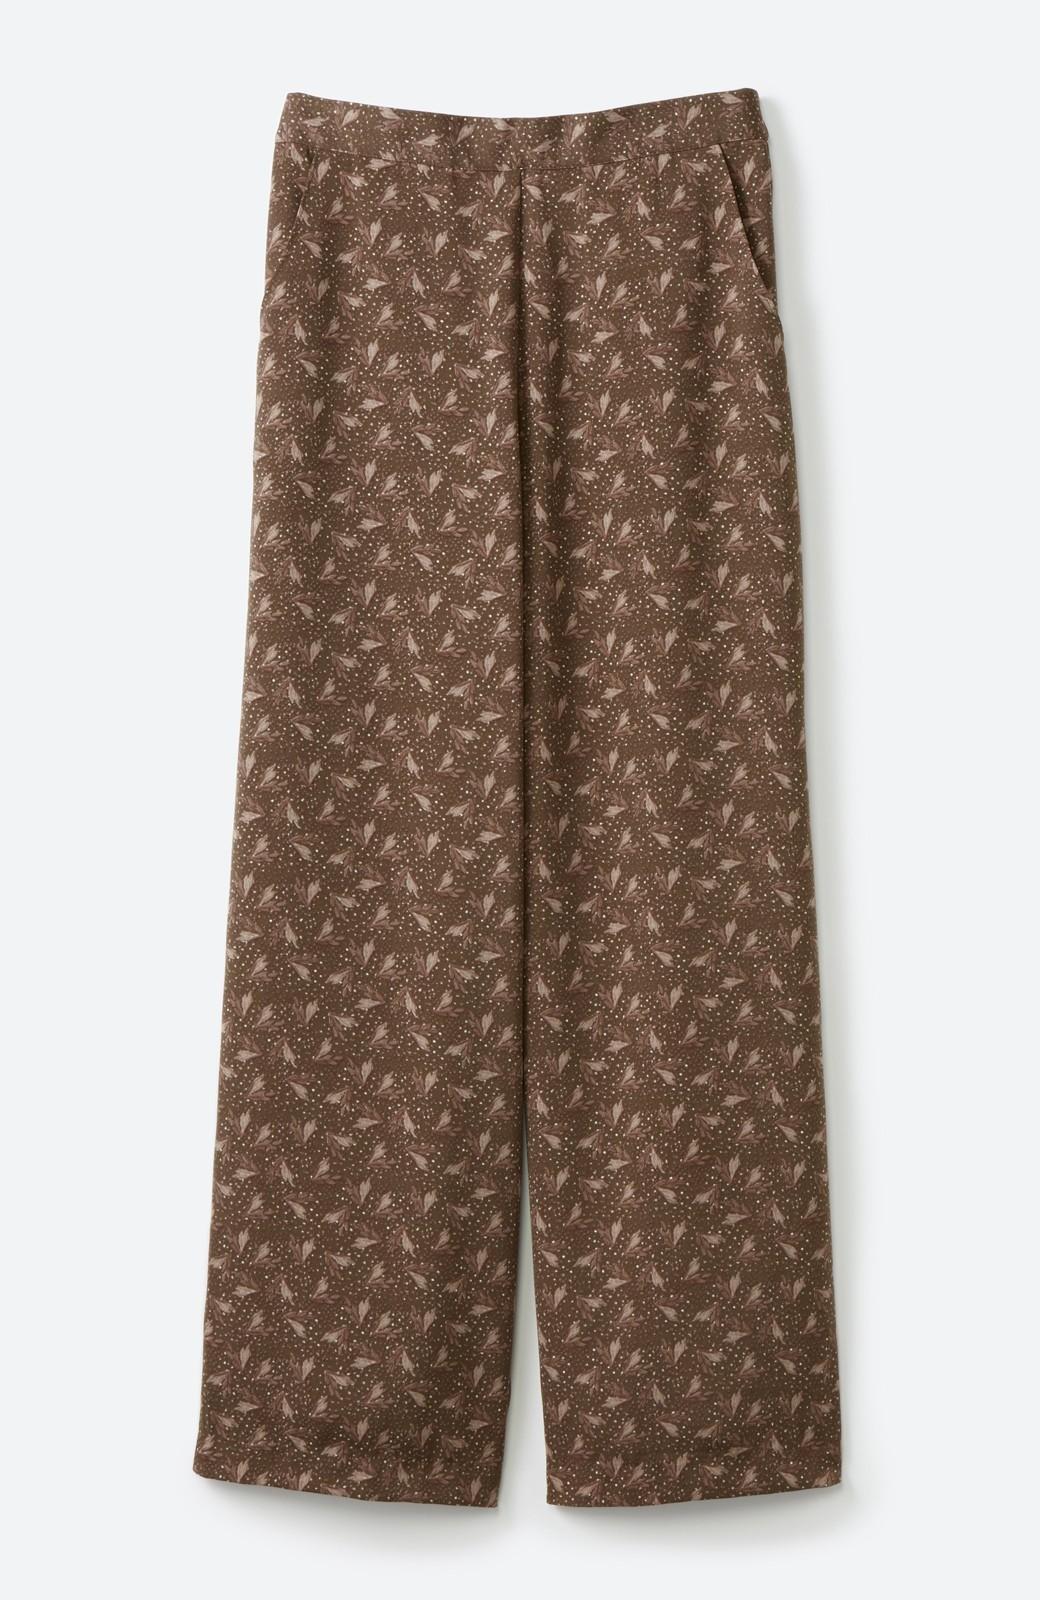 haco! 1枚でも重ね着でもパッと着映えする すっきりシルエットの大人の柄パンツ <ブラウン>の商品写真27